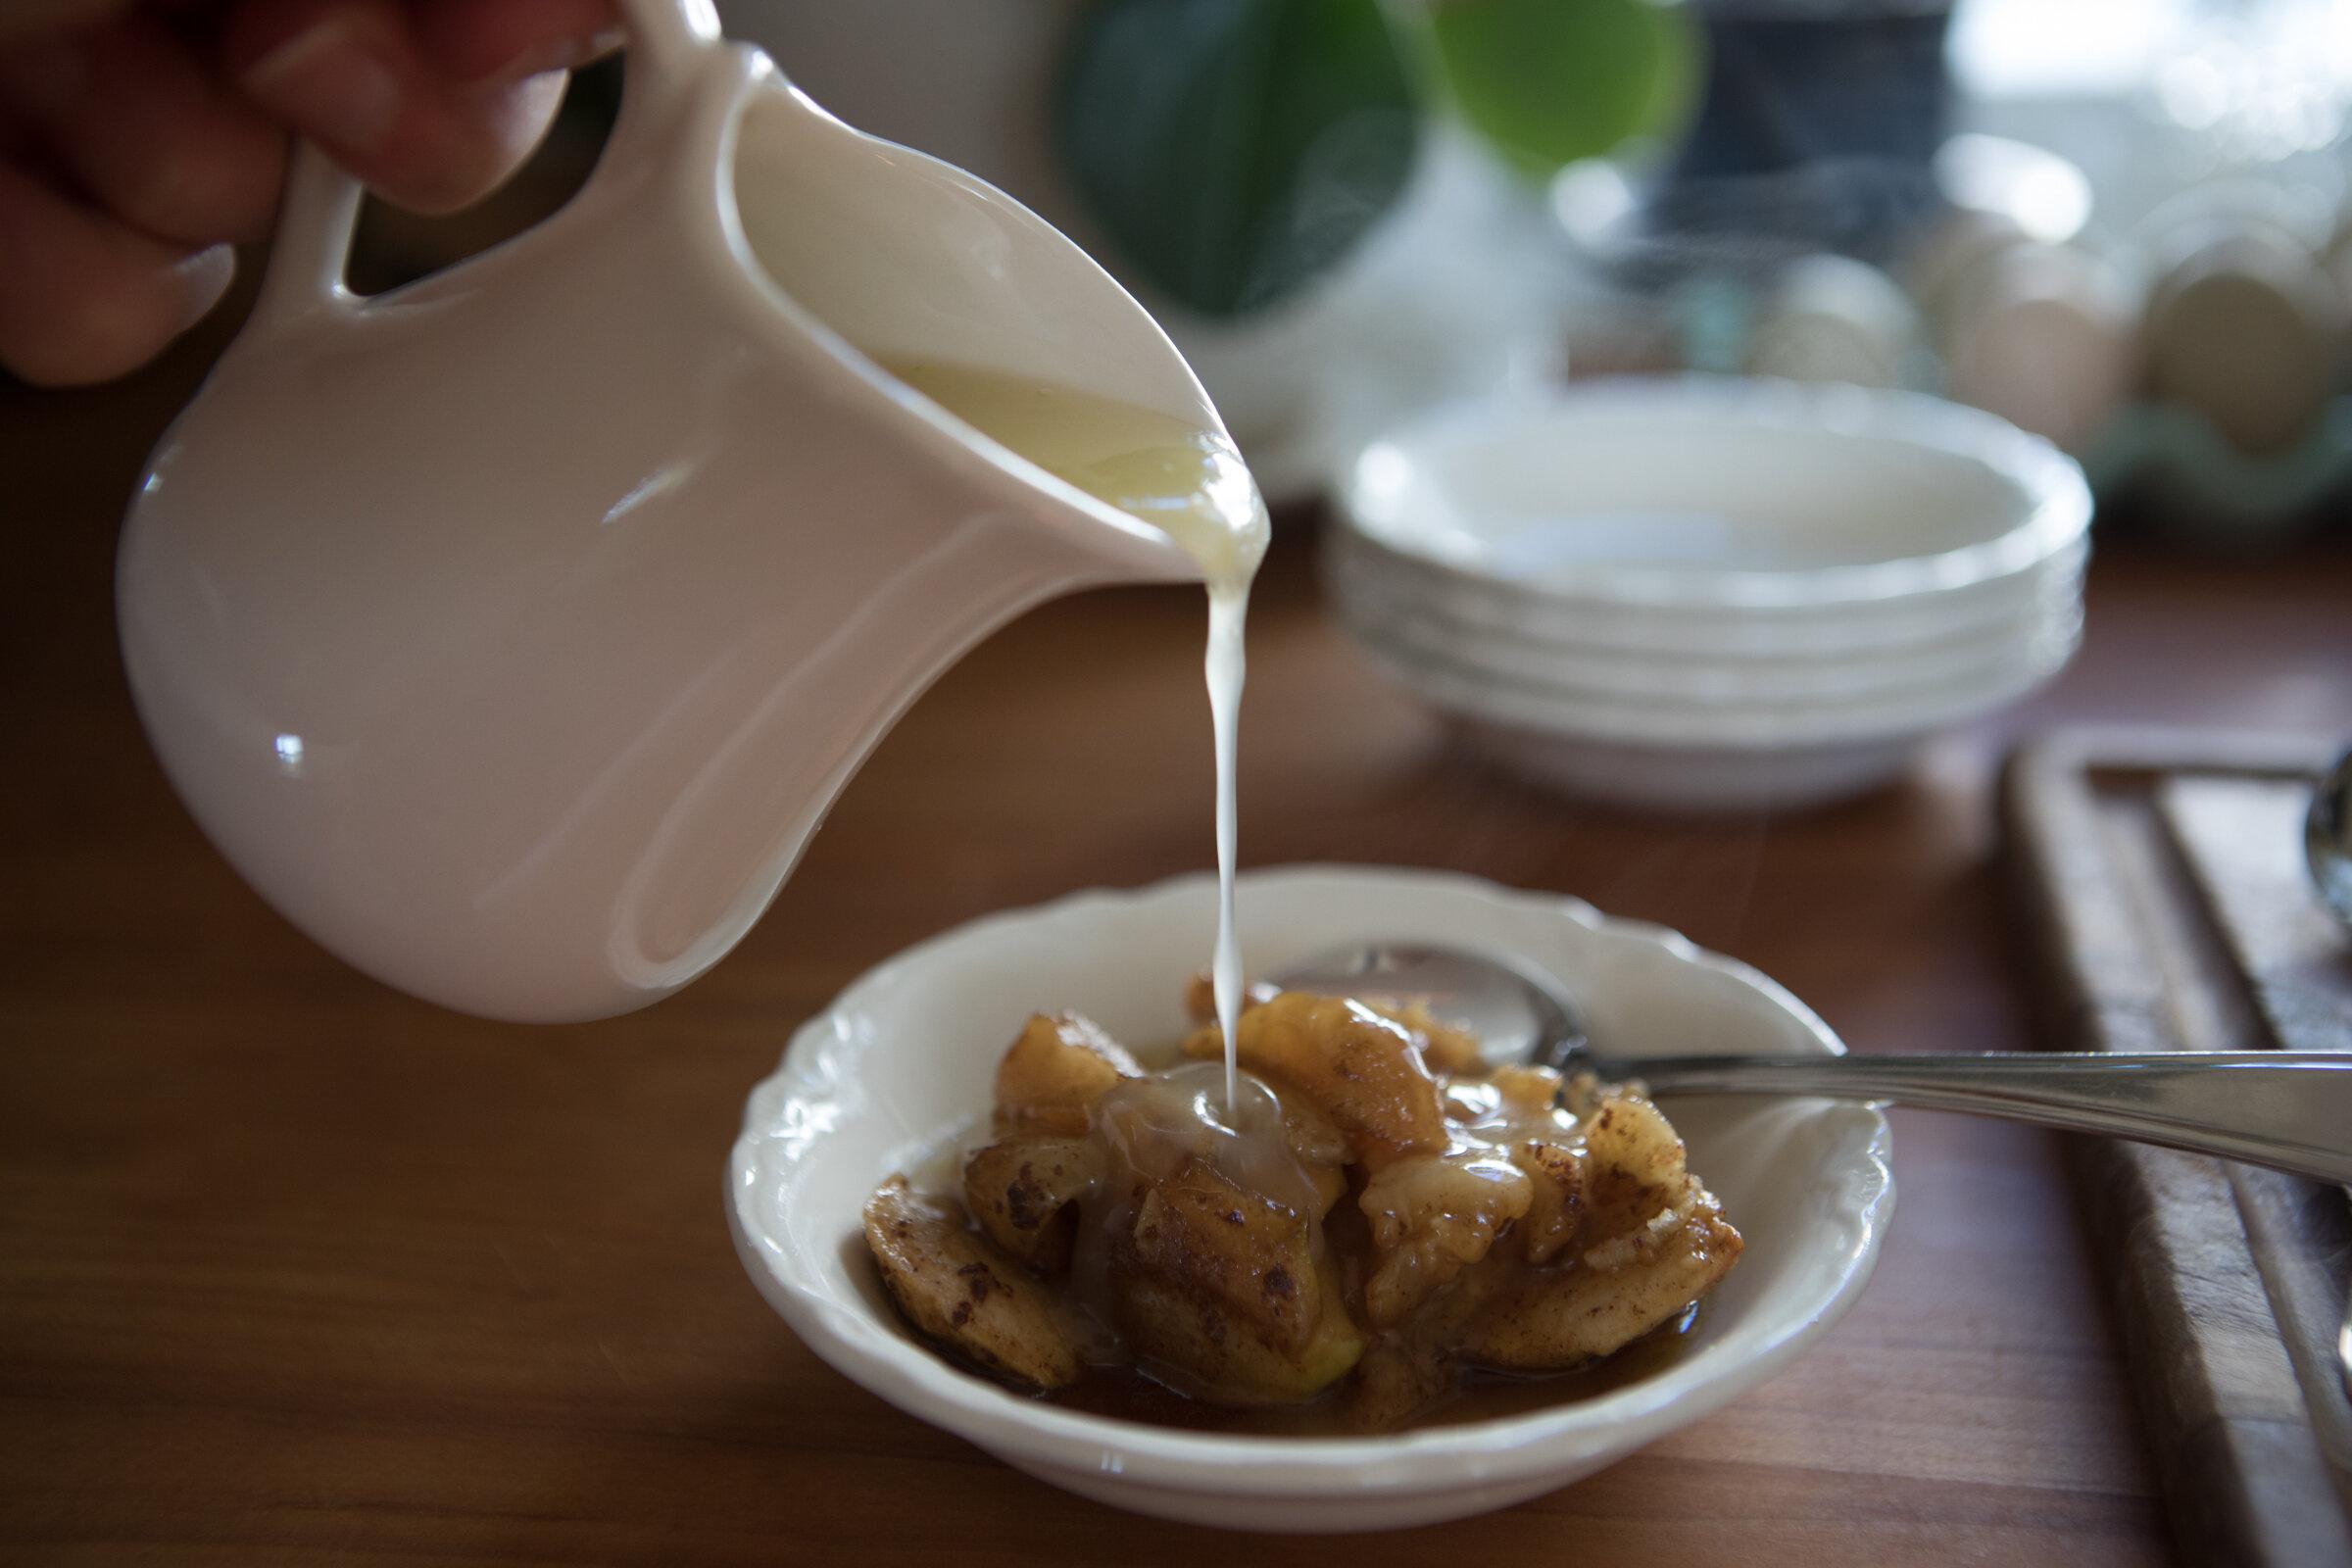 Pudding and lemon sauce